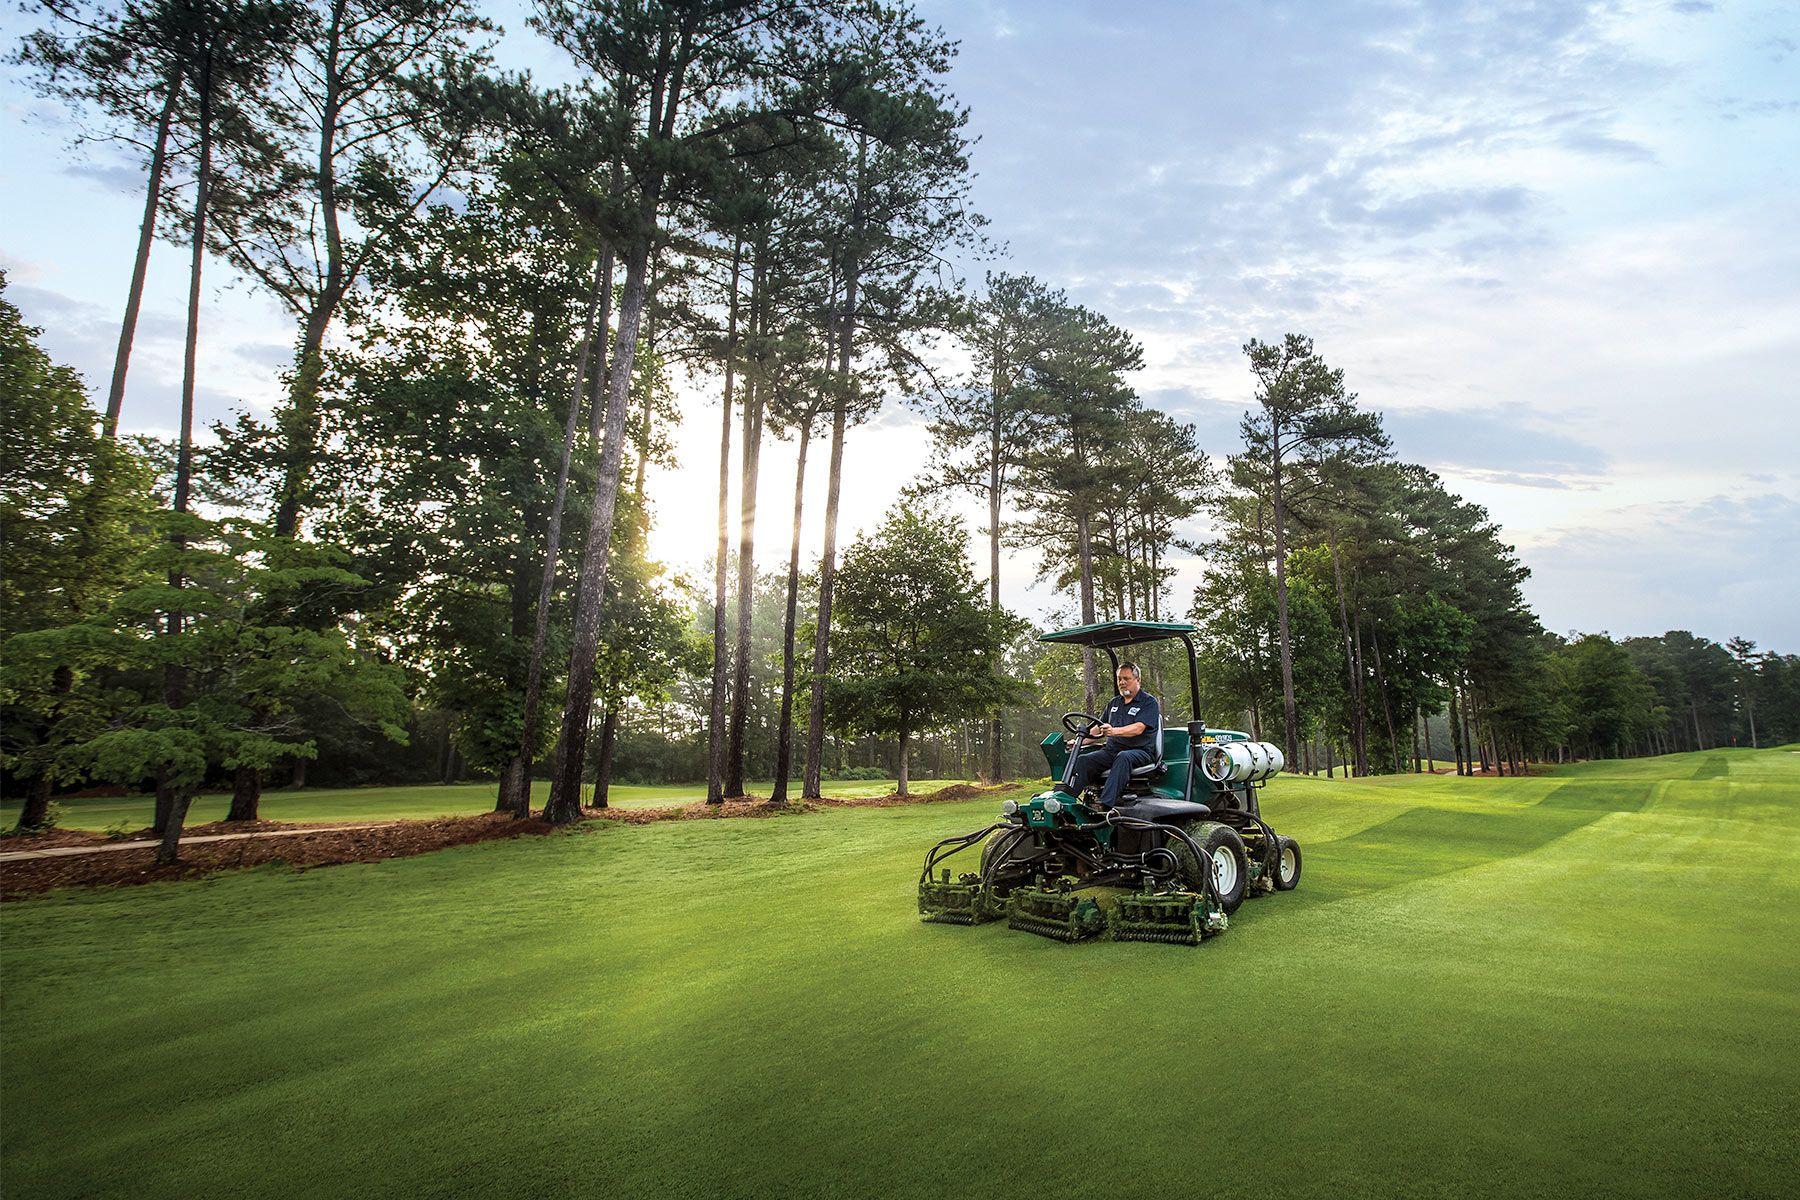 Propane-EG-Golf-Courses-Stone-Mountain-Case-Study-1800x1200-Mower-Fairway